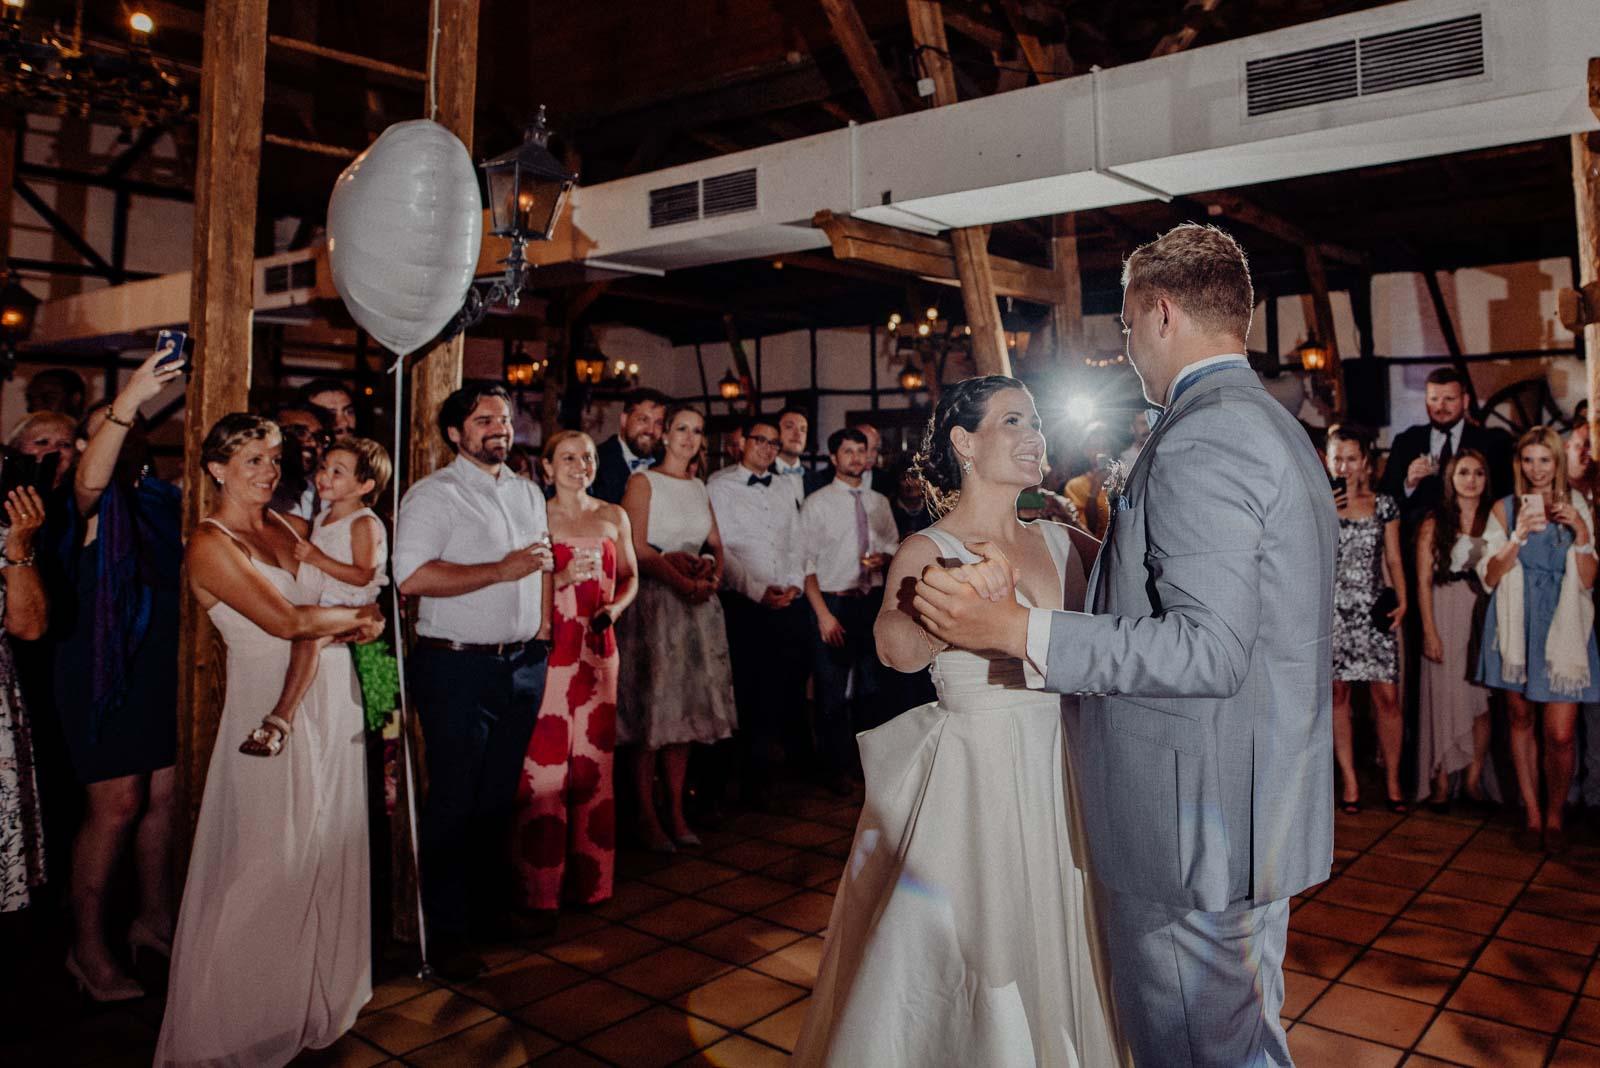 First Dance am Hochzeitstag